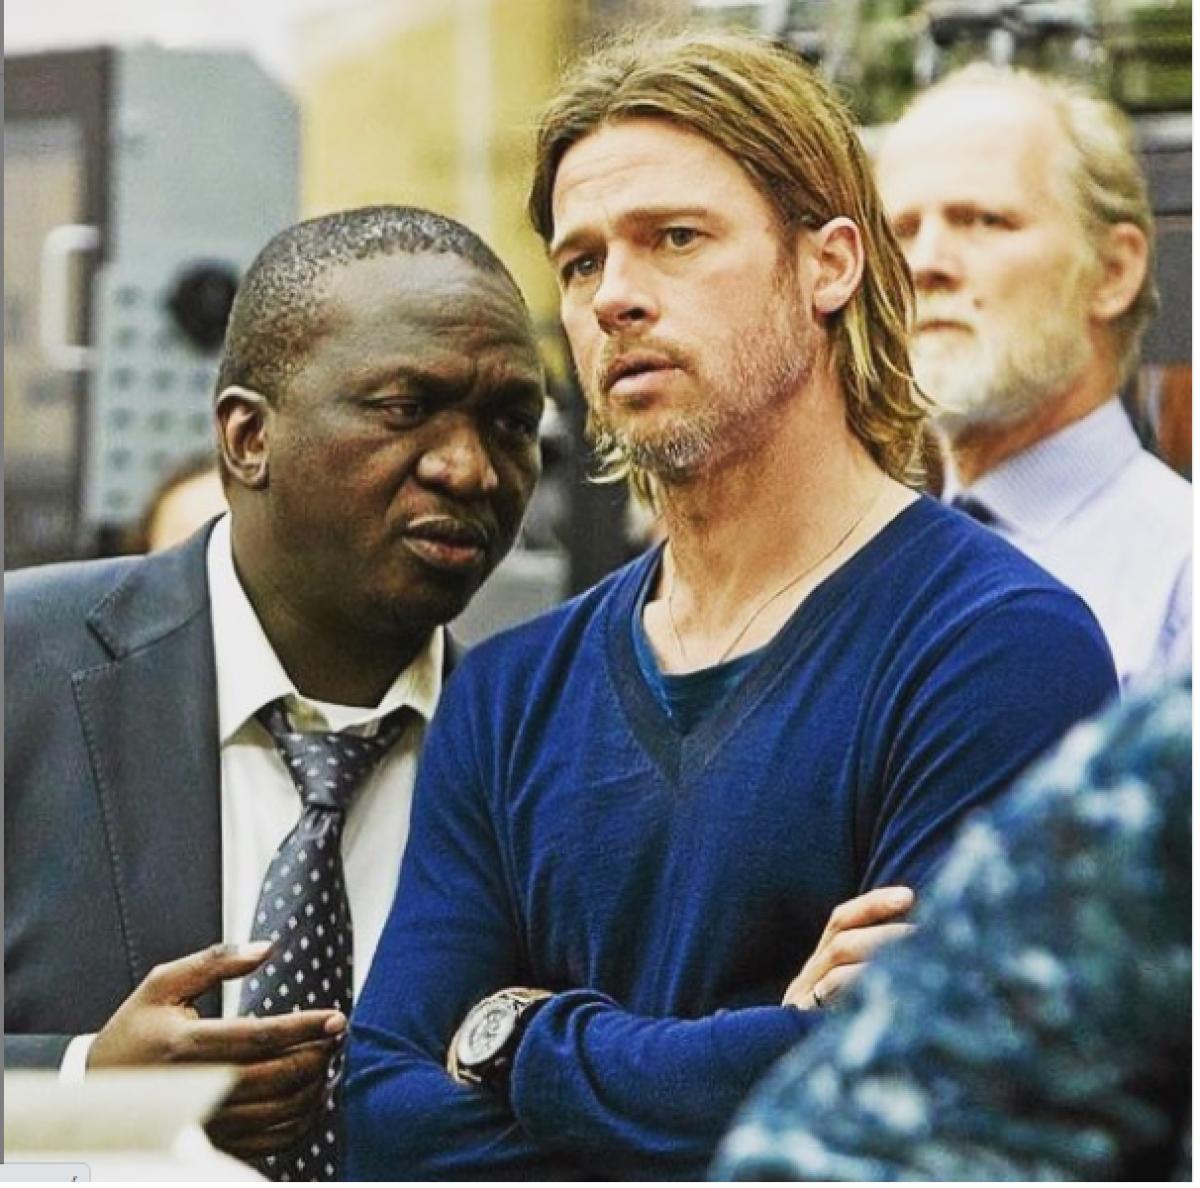 Fana and Brad Pitt